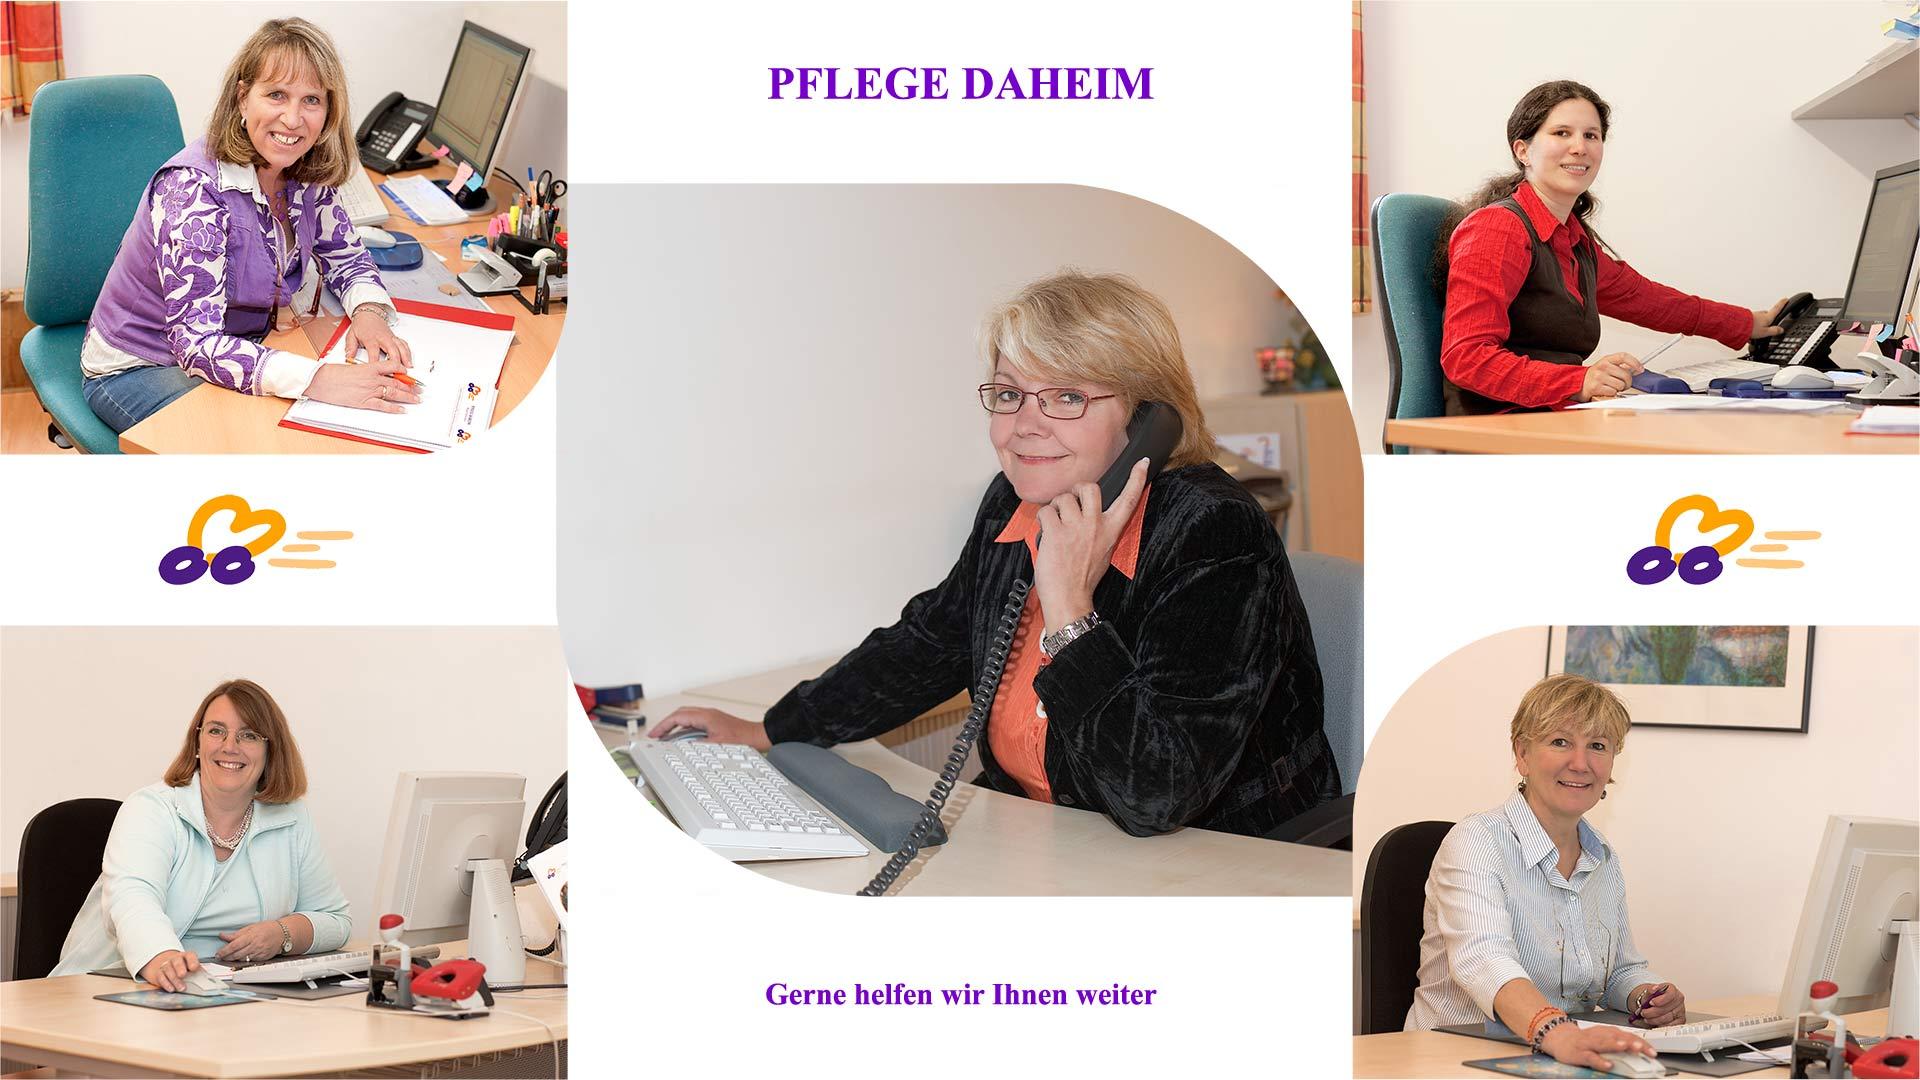 eine Fotomontage mit Portraits der Pflegedienstlöeiterin und Mitarbeiterinnen